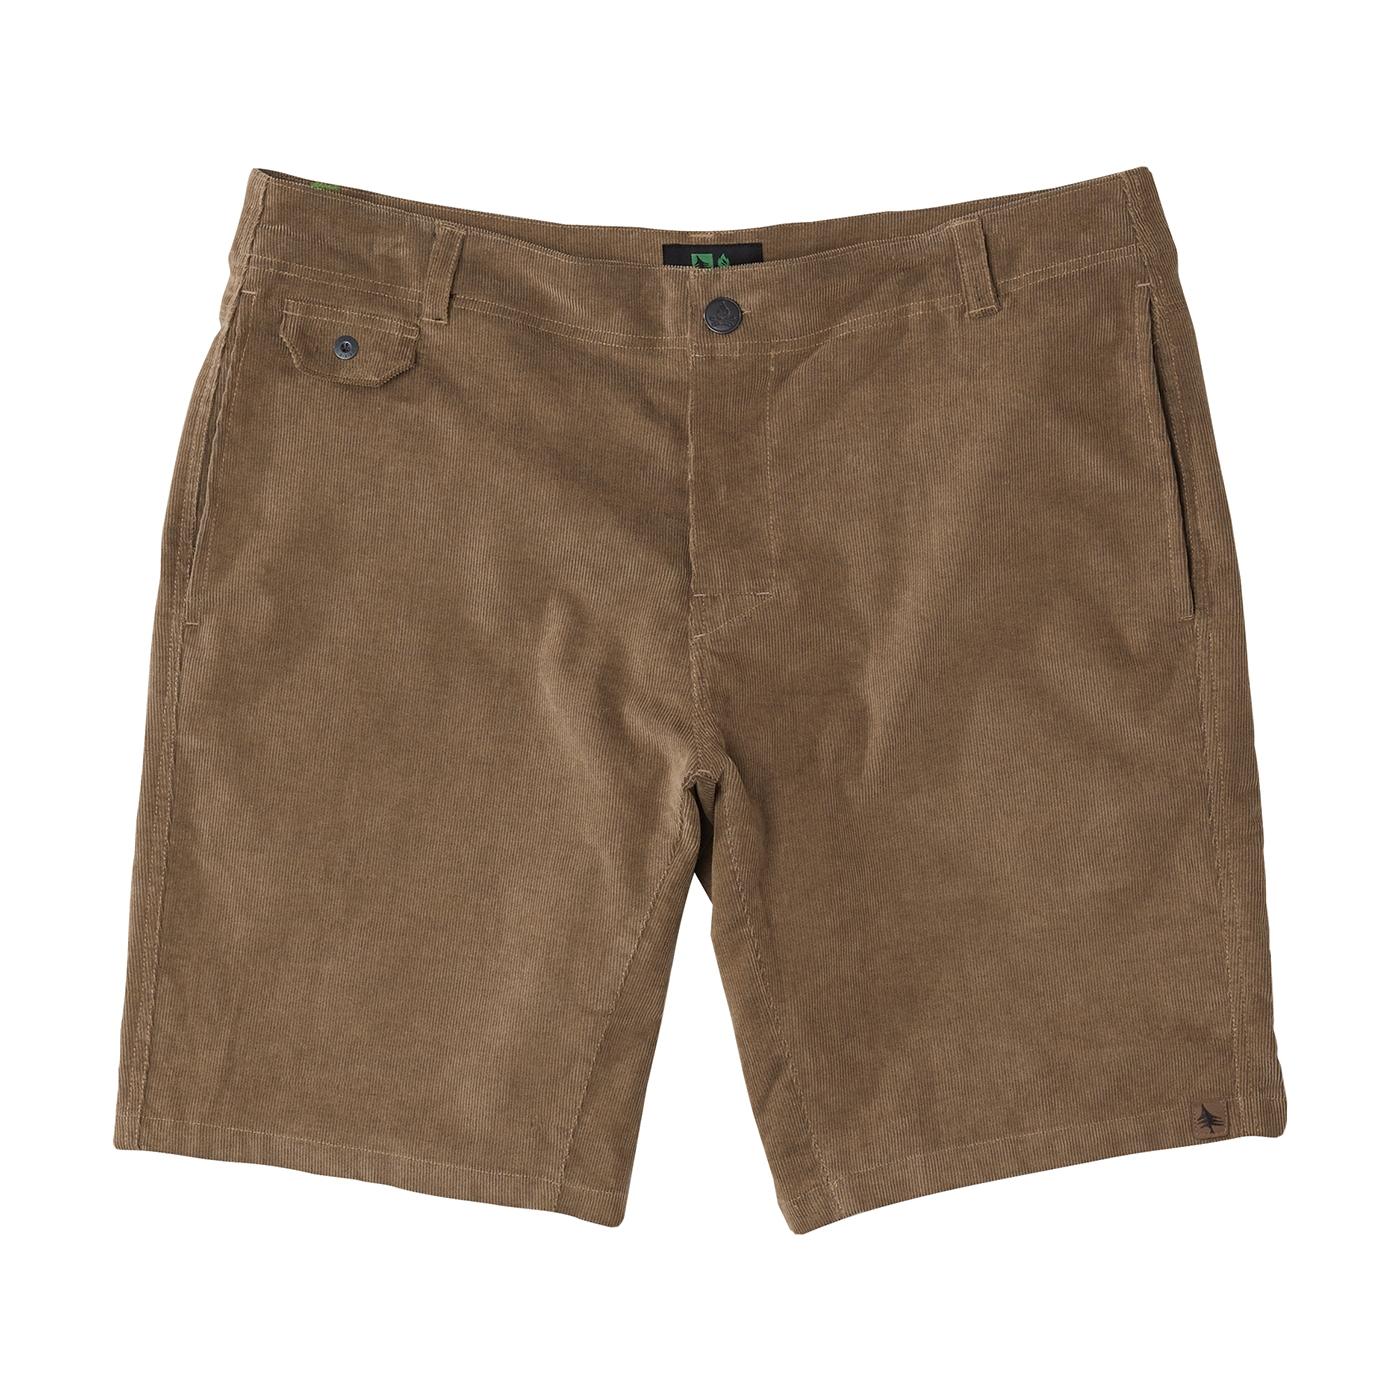 Cortez Short Tan   HippyTree 5ddcb0460f3a